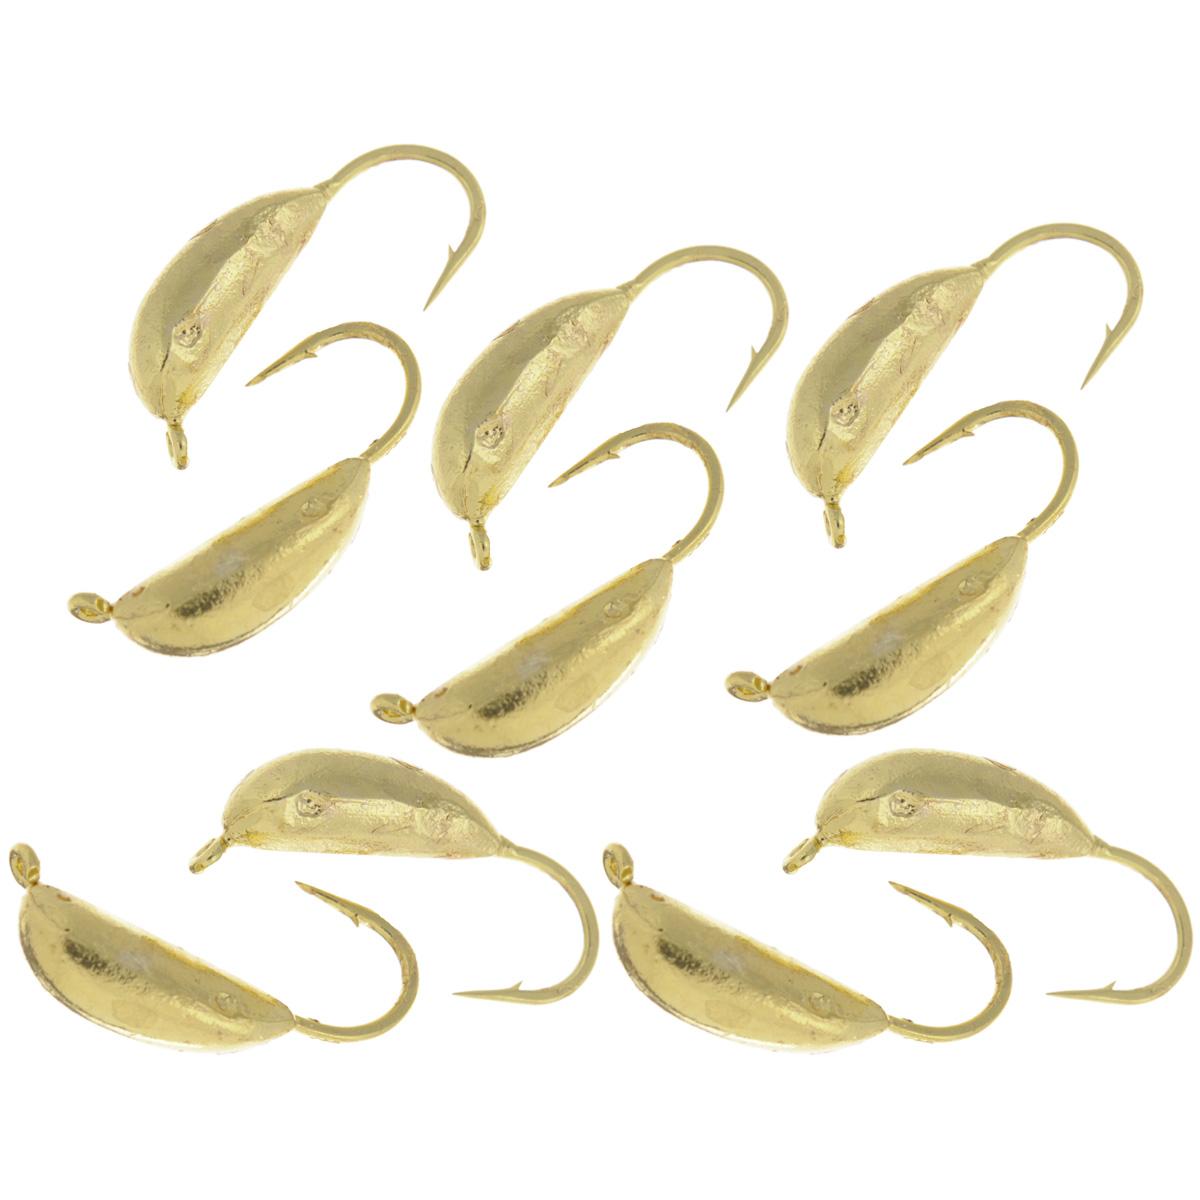 Мормышка вольфрамовая Dixxon-Russia, рижский банан, цвет: золотой, диаметр 4 мм, 0,8 г, 10 шт12900Мормышка Dixxon-Russia изготовлена из вольфрама и оснащена крючком. Главное достоинство вольфрамовой мормышки - большой вес при малом объеме. Эта особенность дает большие преимущества при ловле, так как позволяет быстро погрузить приманку на требуемую глубину и лучше чувствовать игру мормышки.